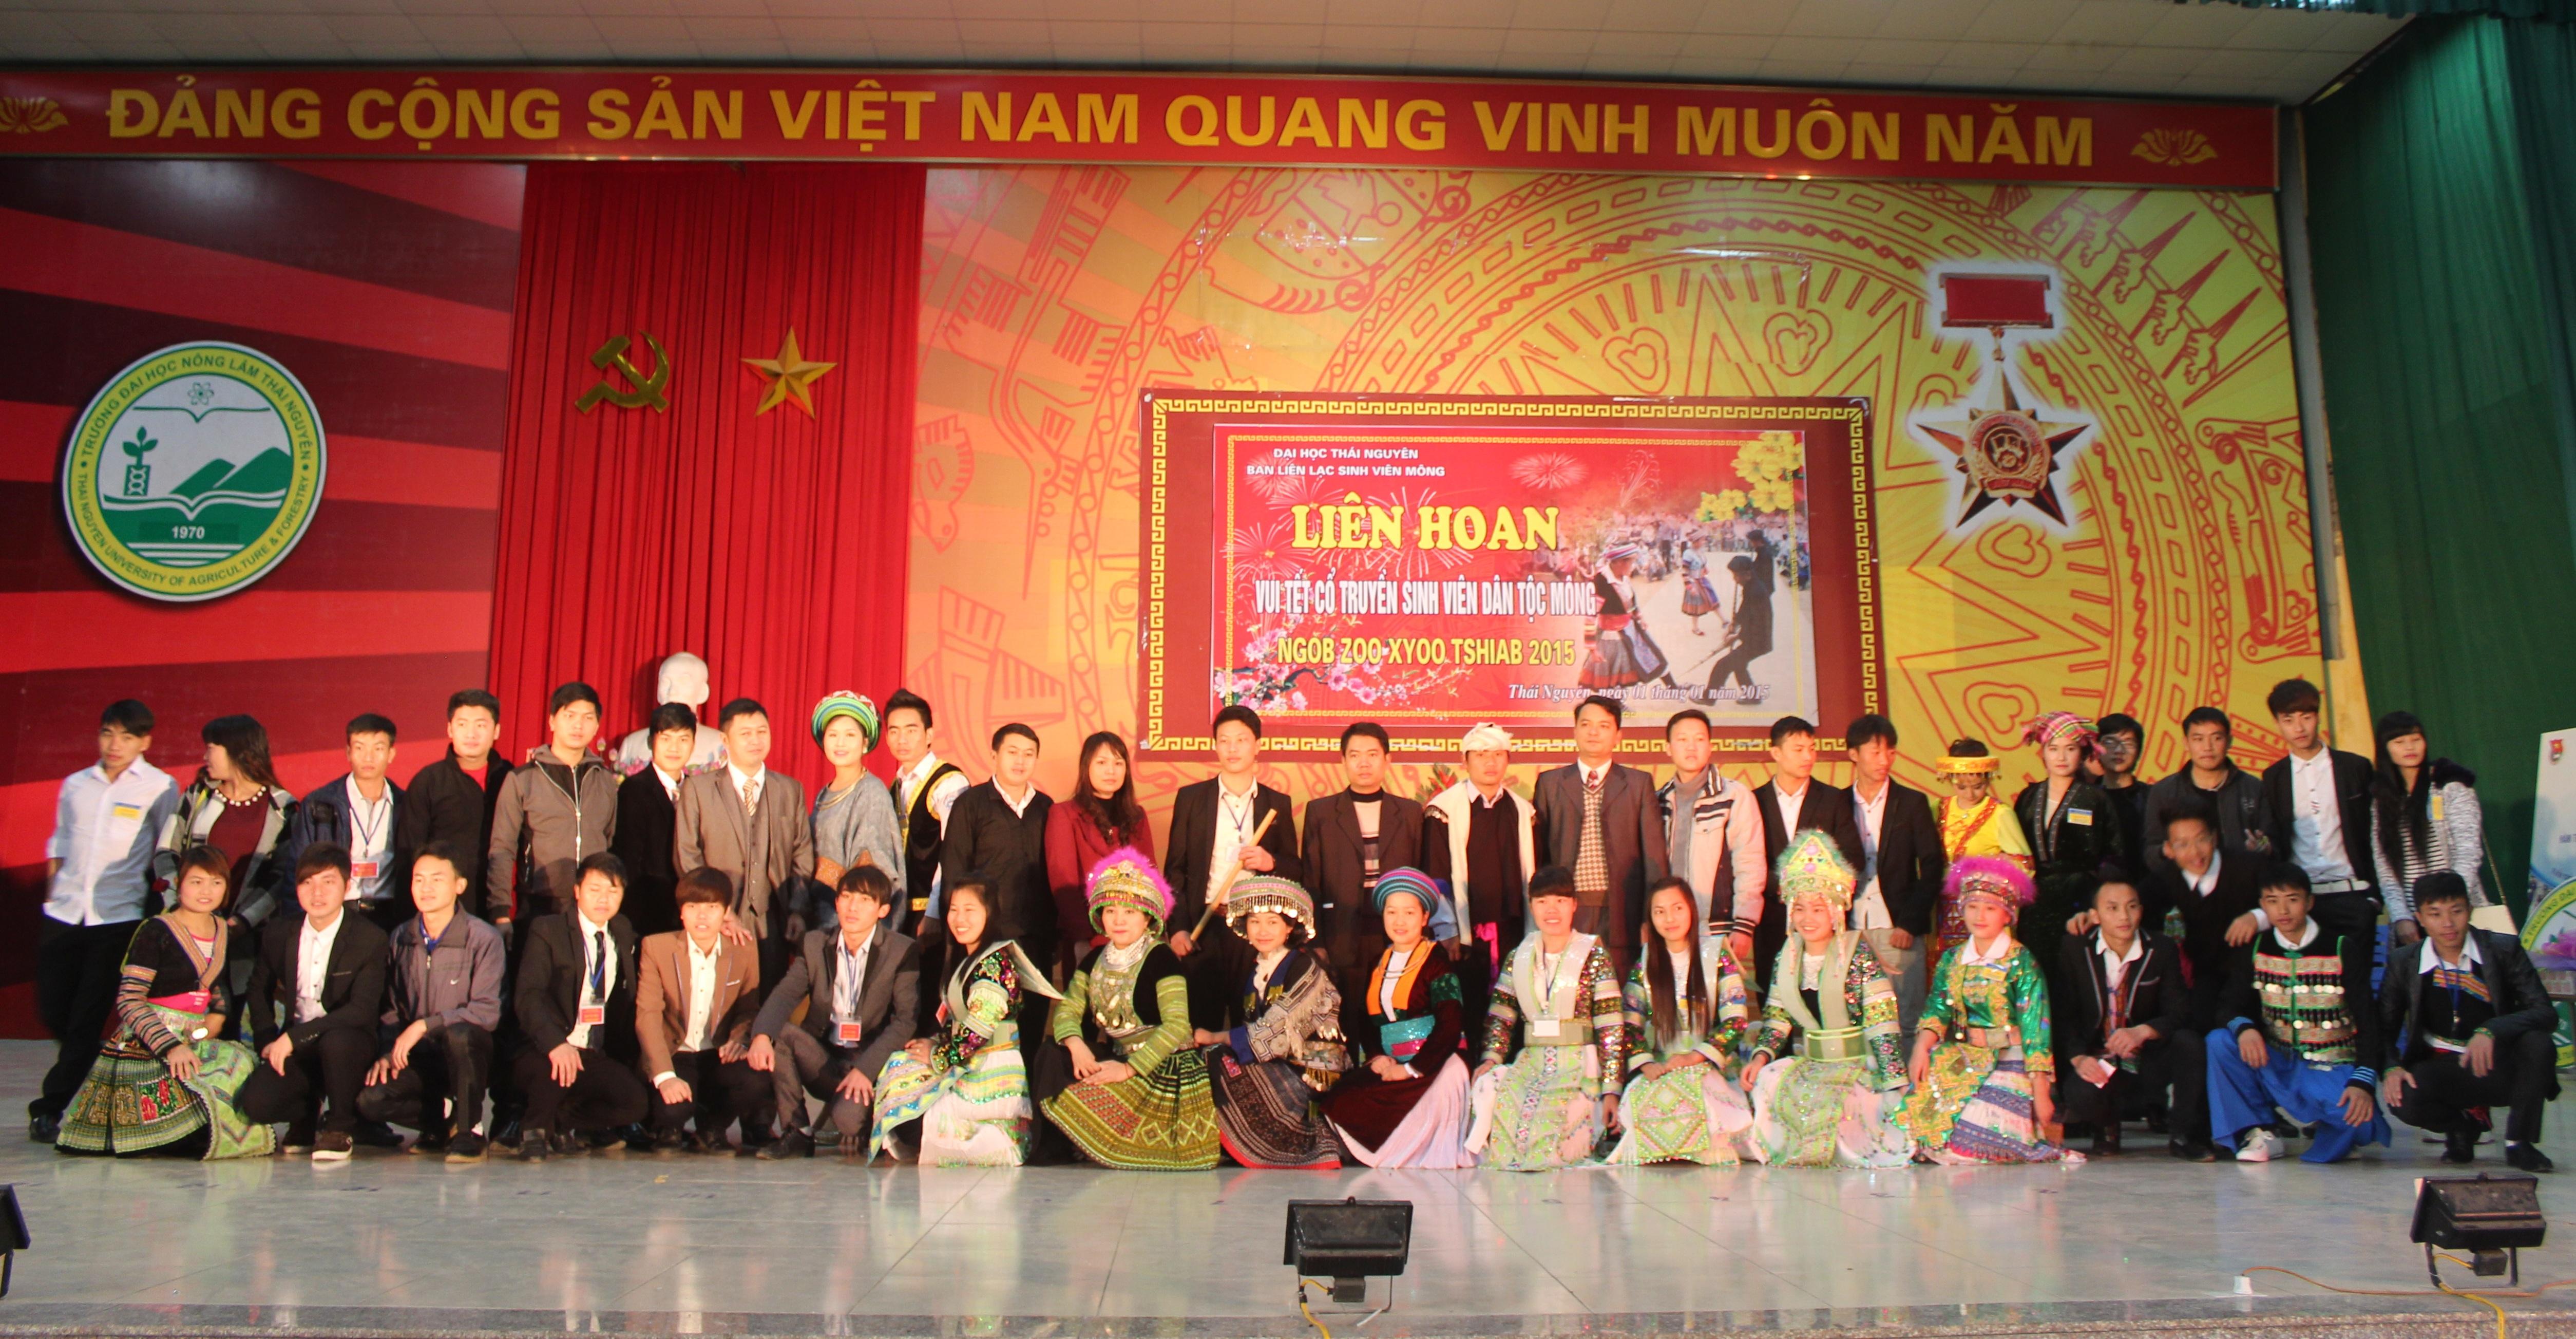 Liên hoan vui tết cổ truyền cùng sinh viên dân tộc H'Mông